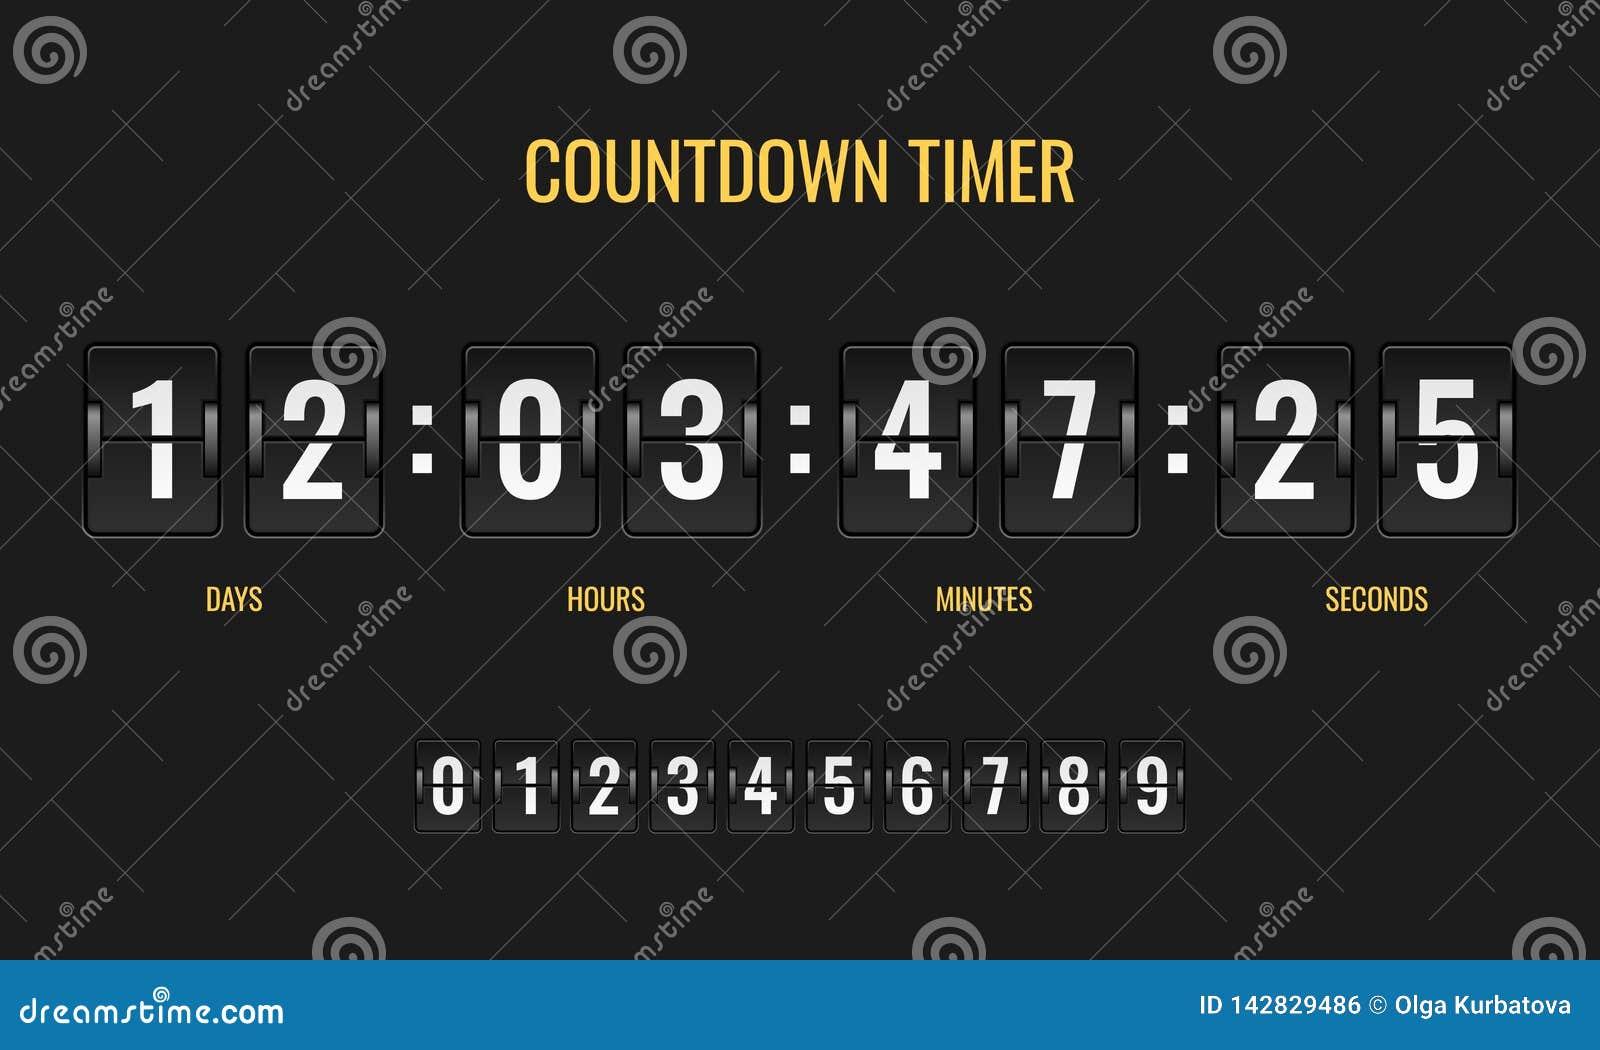 Temporizador da contagem regressiva Os mecânicos do relógio digital do placar do medidor opõem a informação abaixo do número que